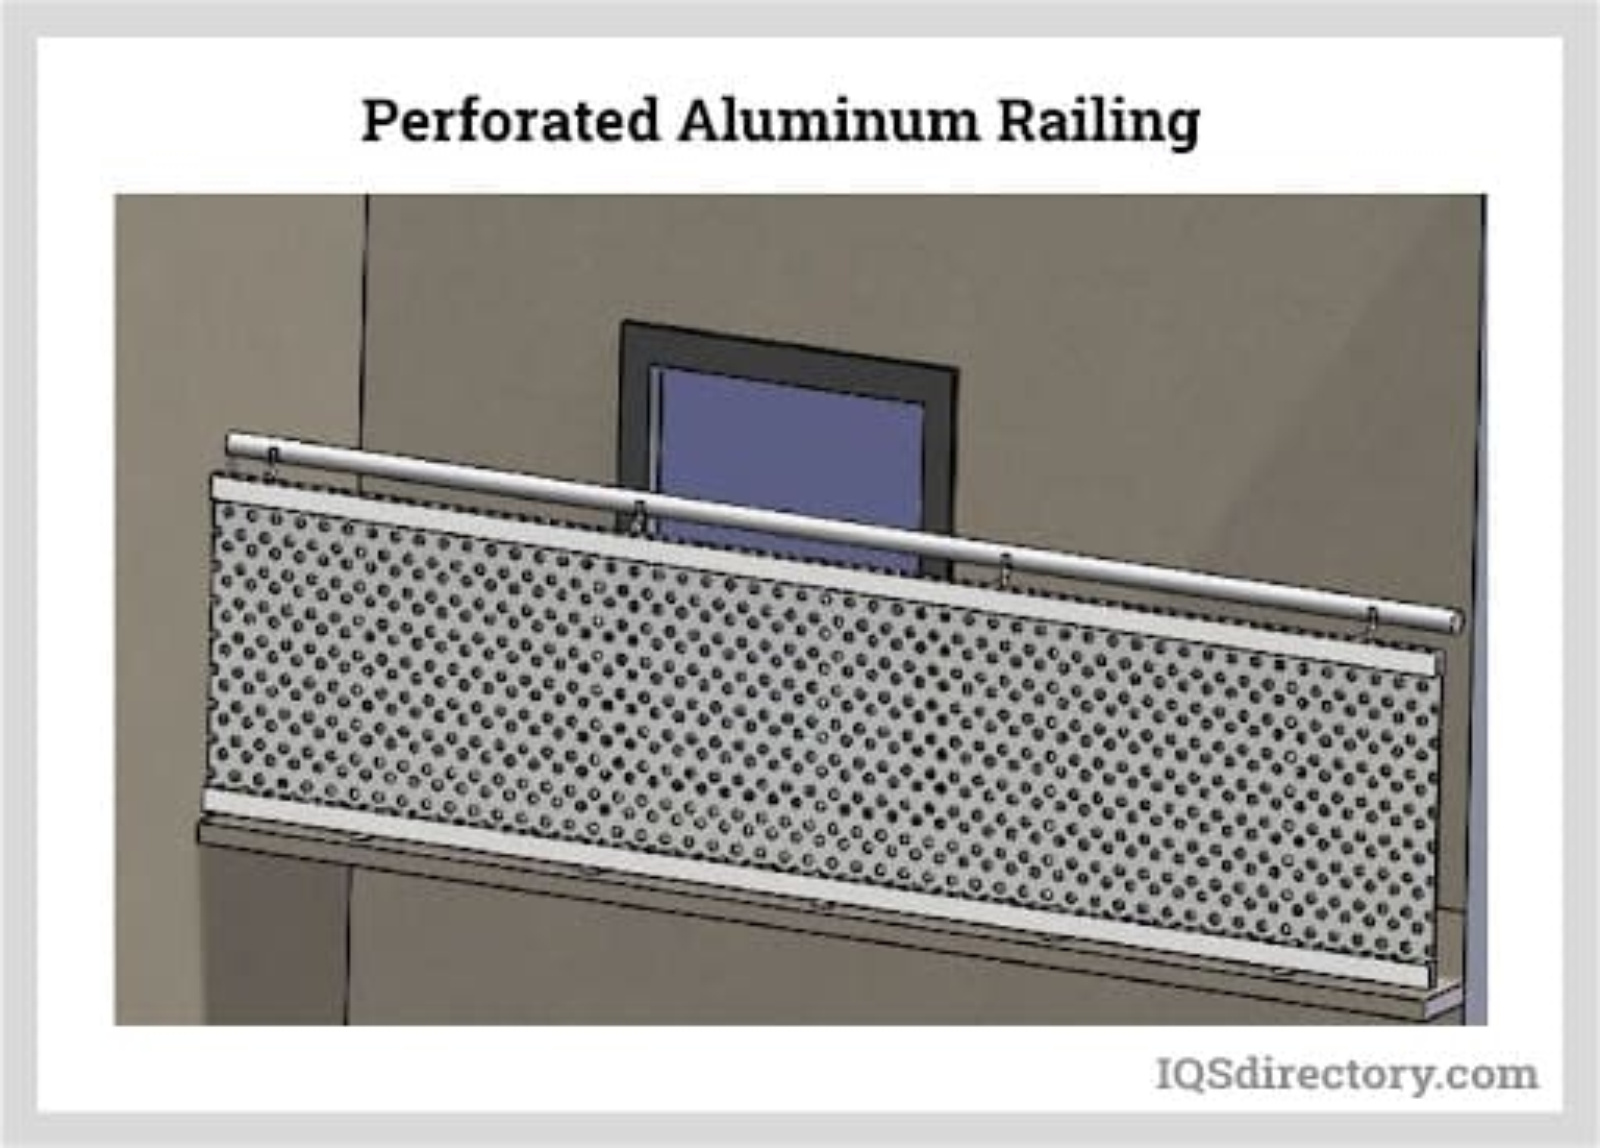 Perforated Aluminum Railing